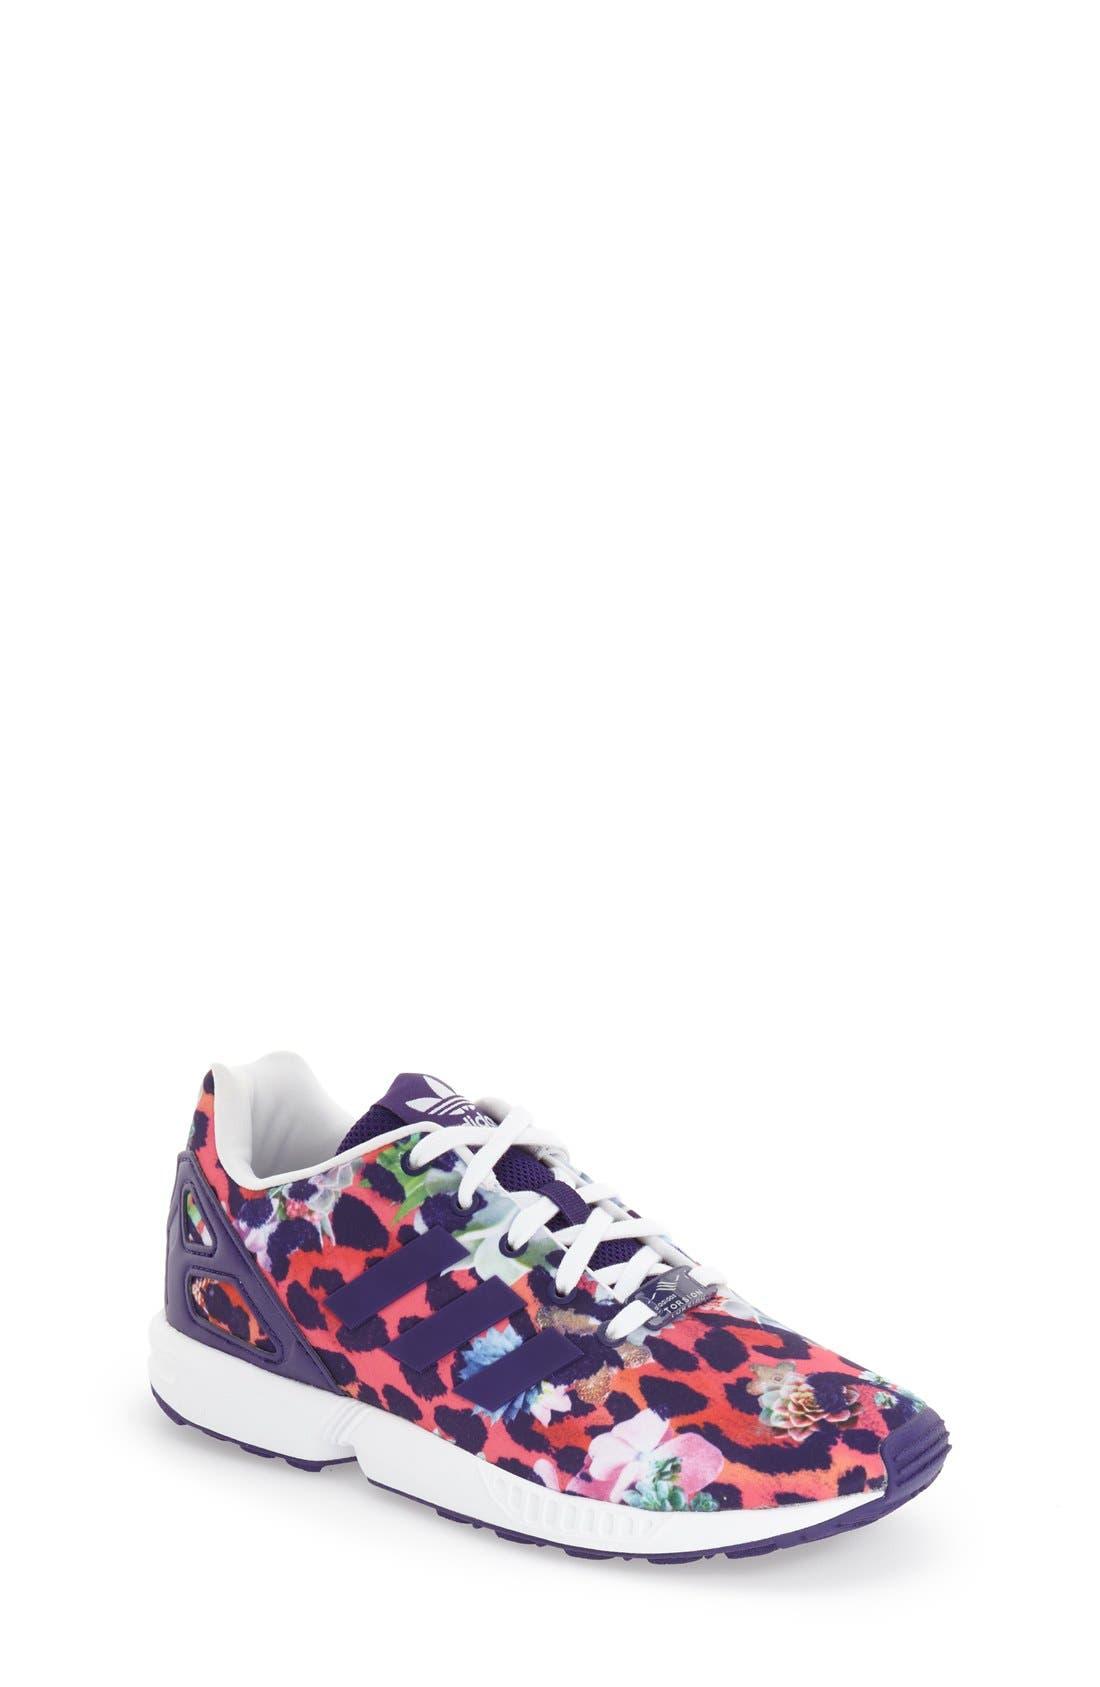 adidas ZX Flux EL Print Running Shoe Baby Walker